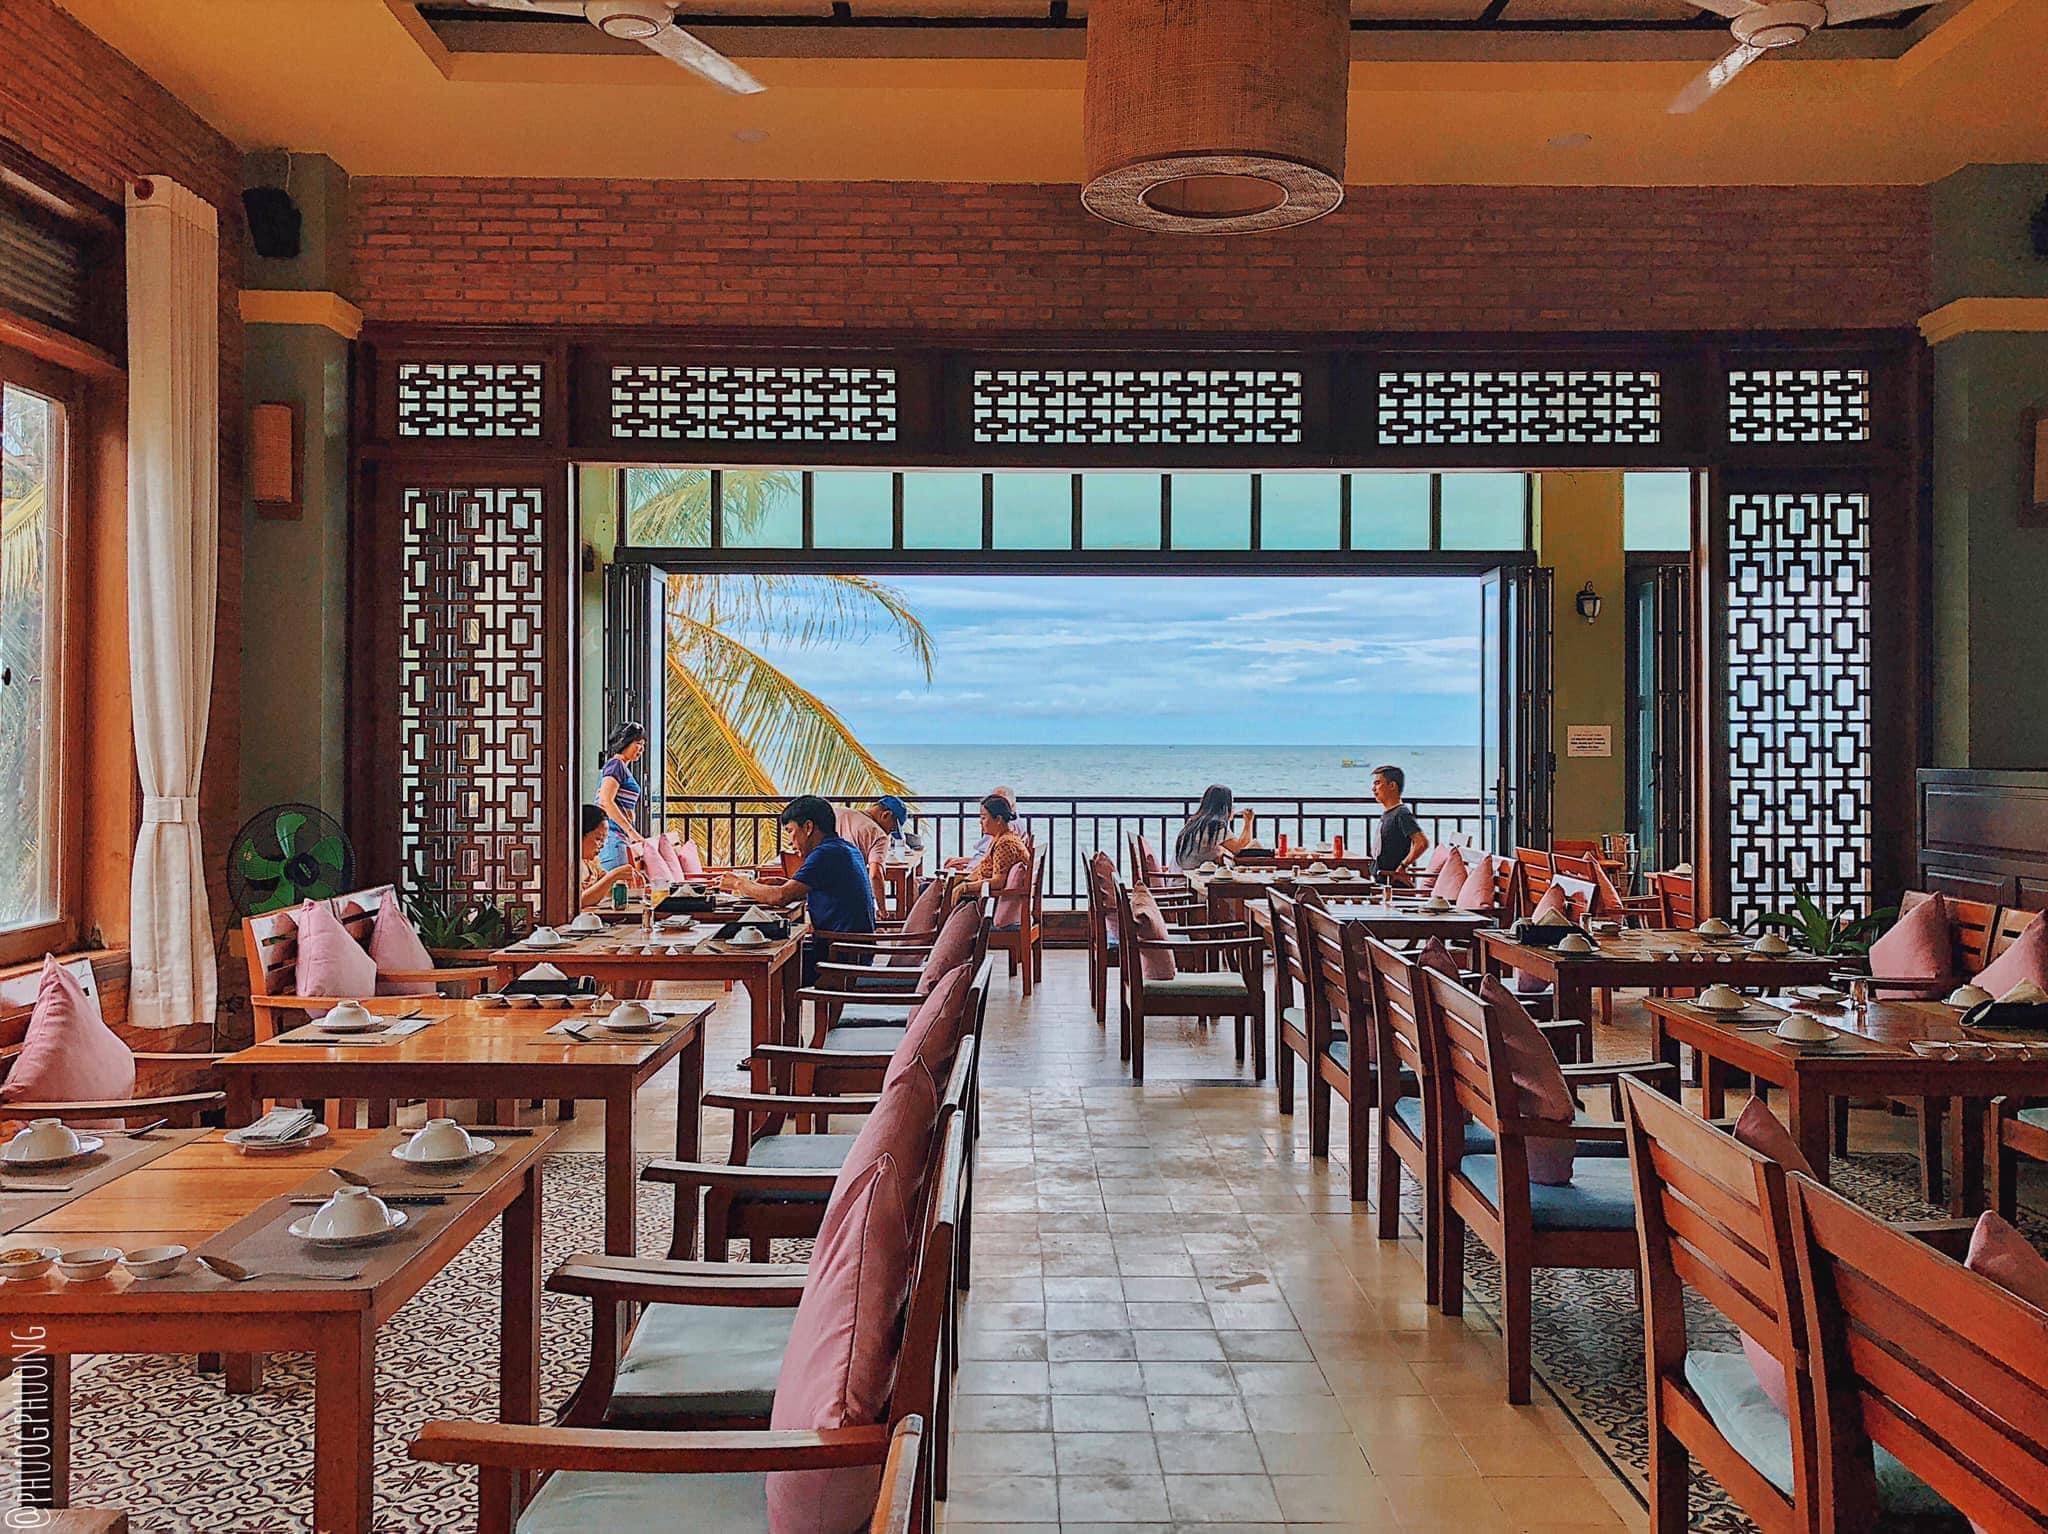 Xin Chào Restaurant - Cafe & Bar. Hình: Sưu tầm